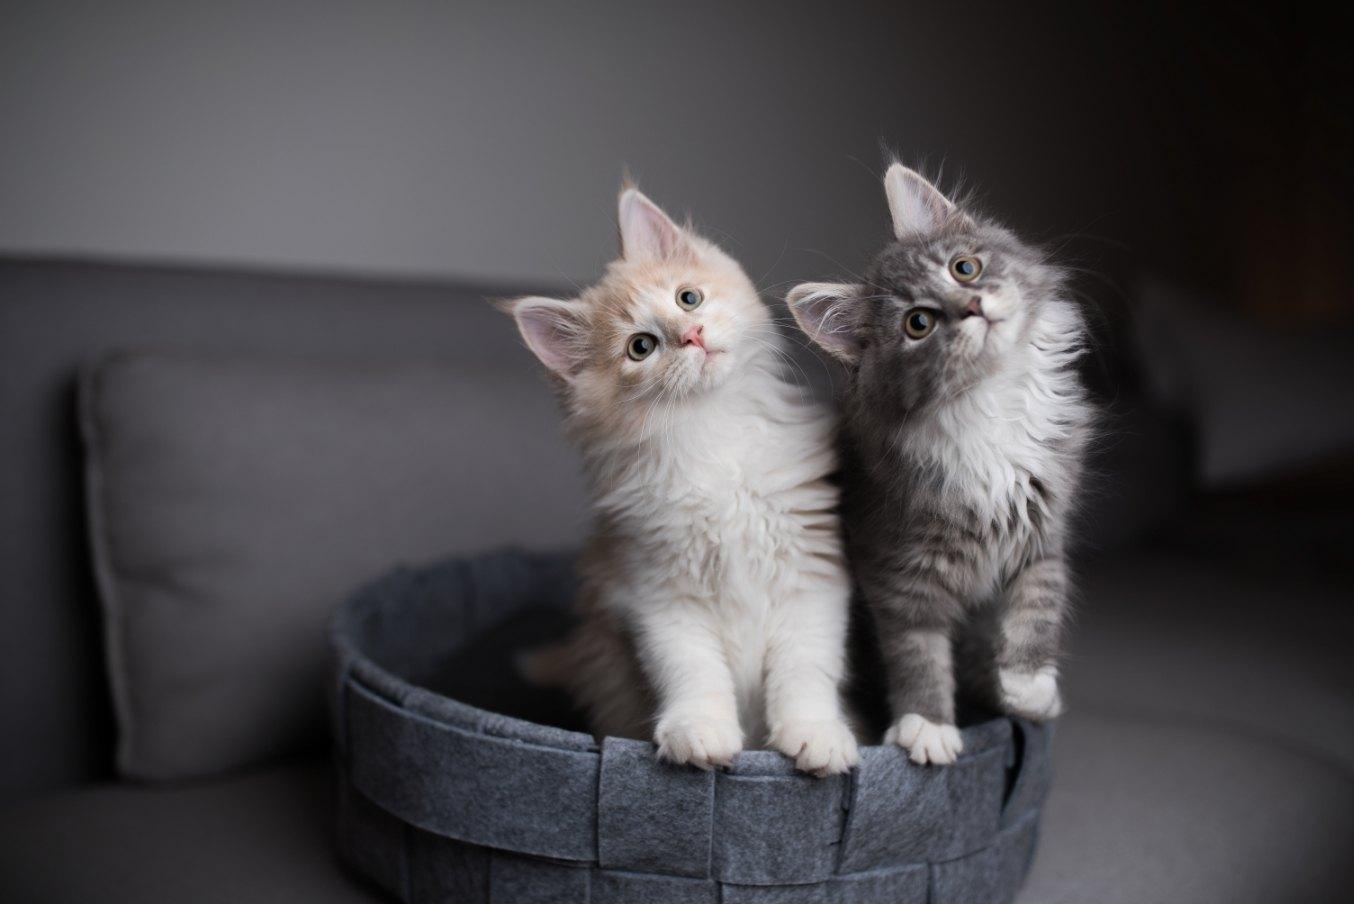 Von der Coronavirus-Epidemie sind Haustiere wie Katzen nicht betroffen.